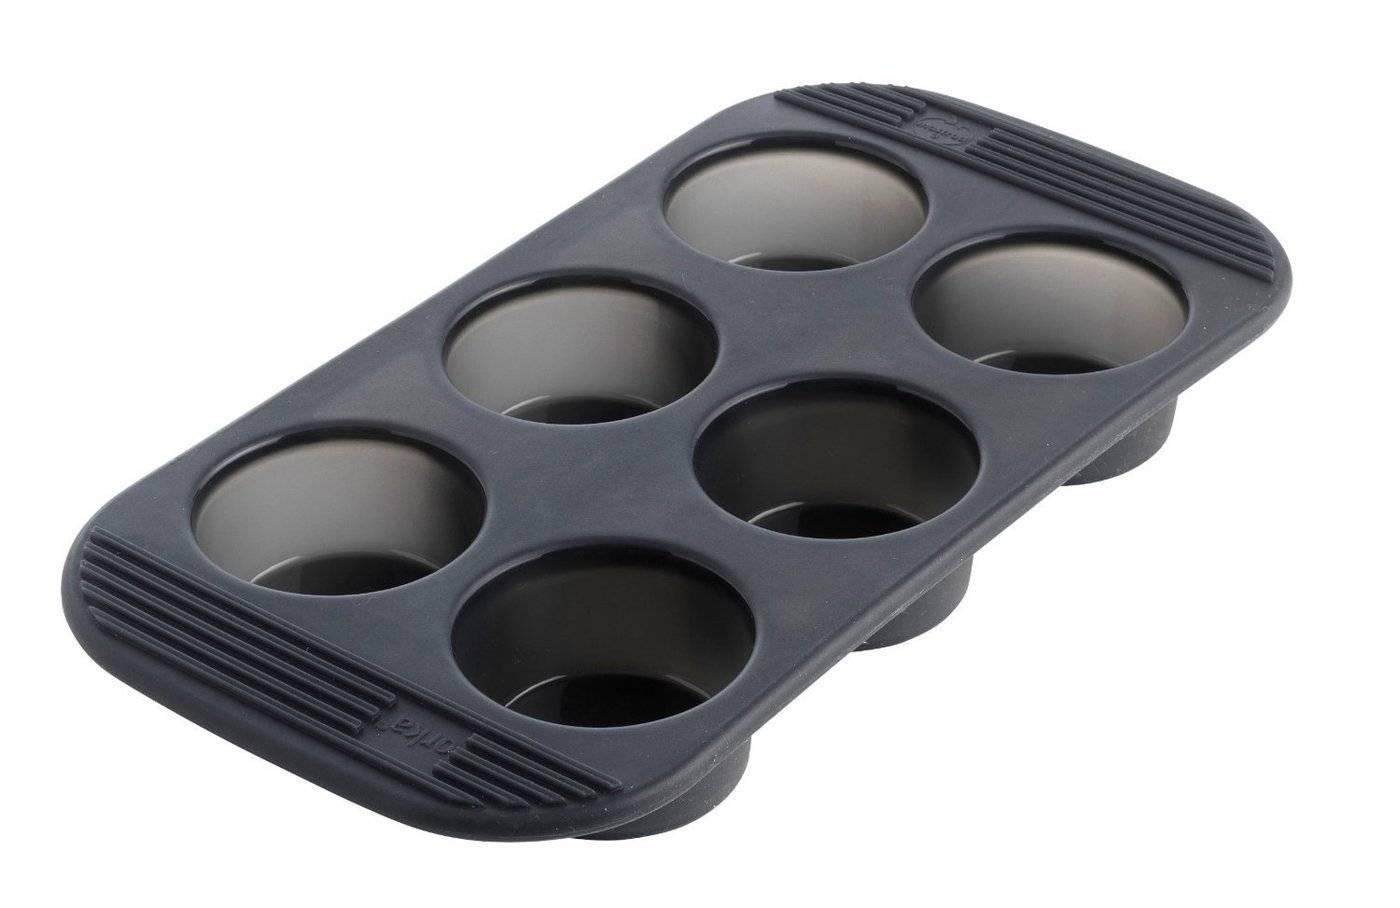 Silikonová forma na muffiny Mastrad 6ks - Mastrad